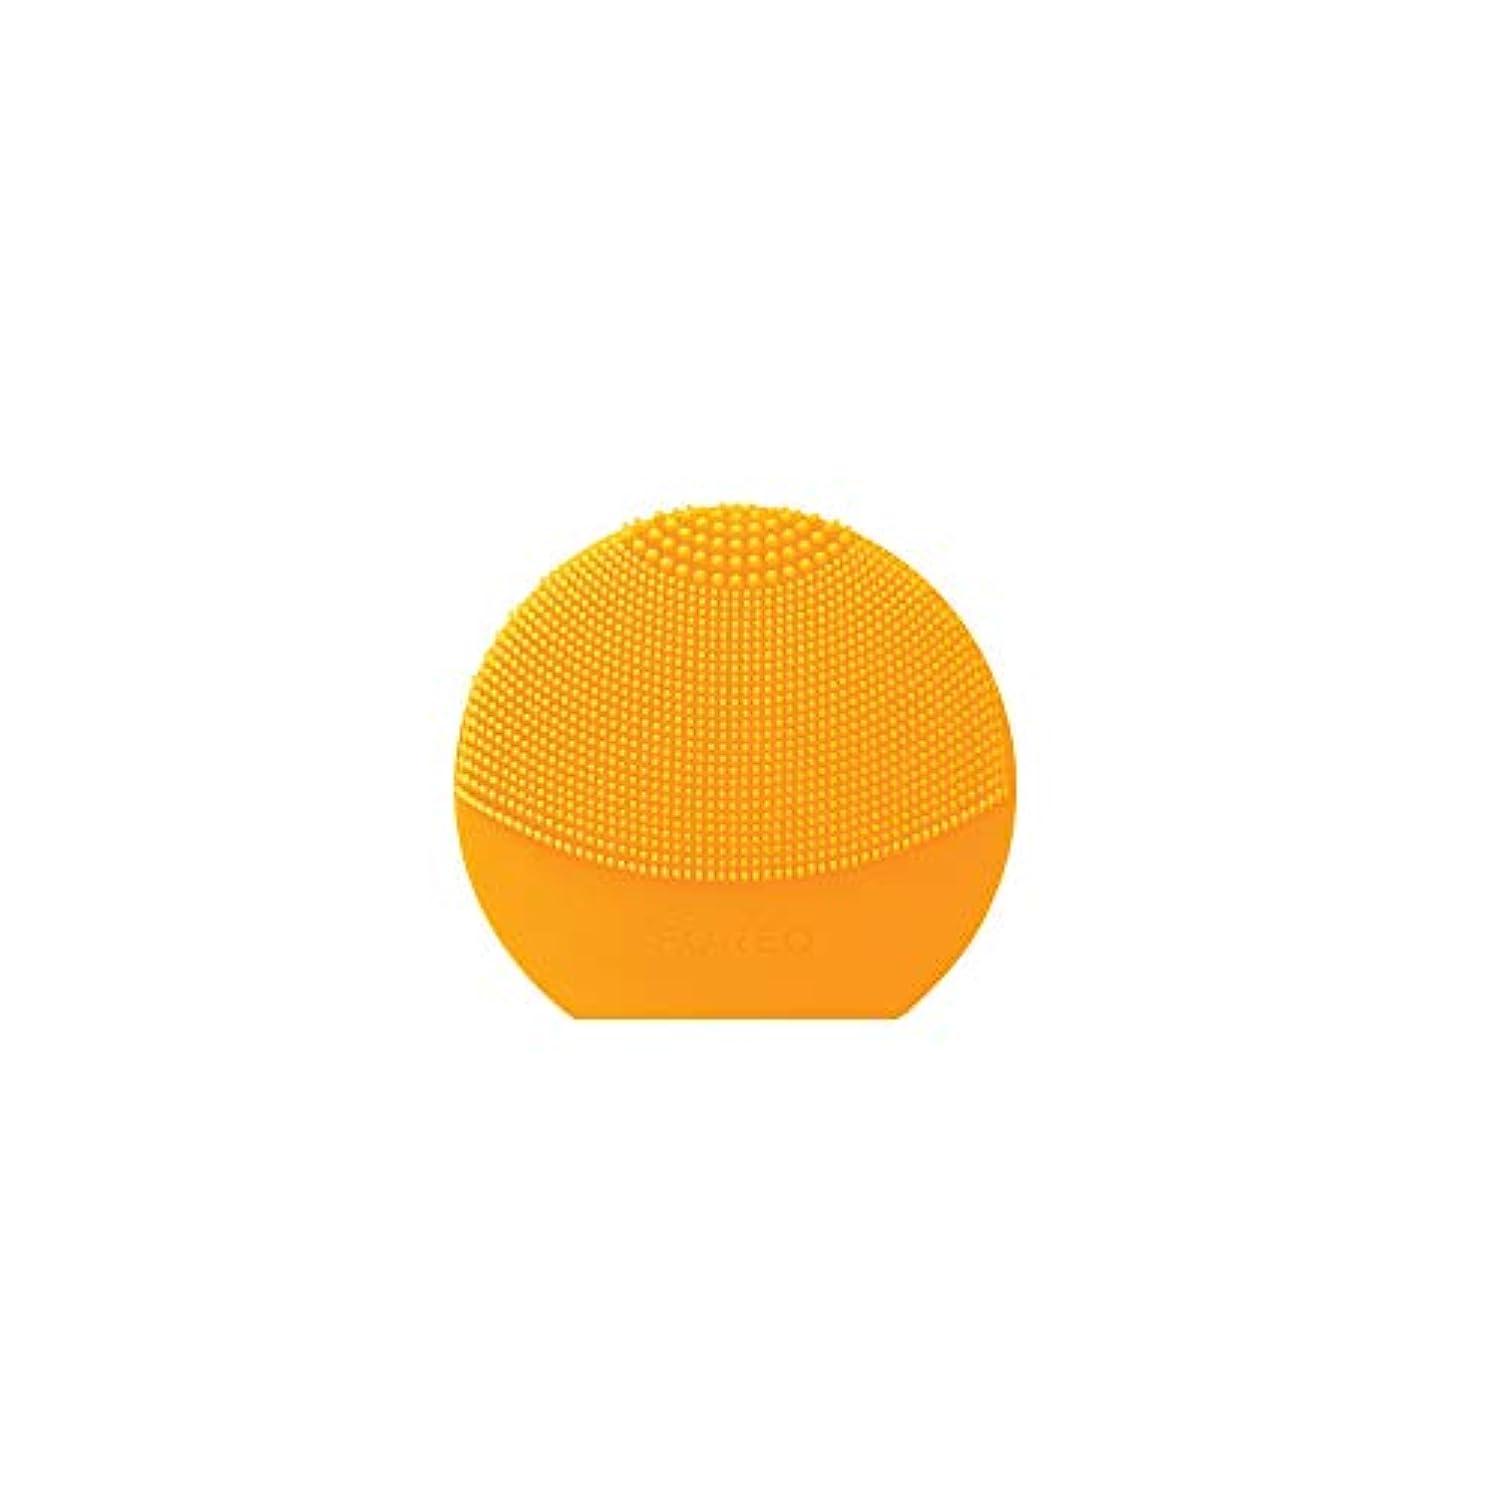 取り扱い隣人王室FOREO LUNA Play Plus サンフラワーイエロー シリコーン製 音波振動 電動洗顔ブラシ 電池式